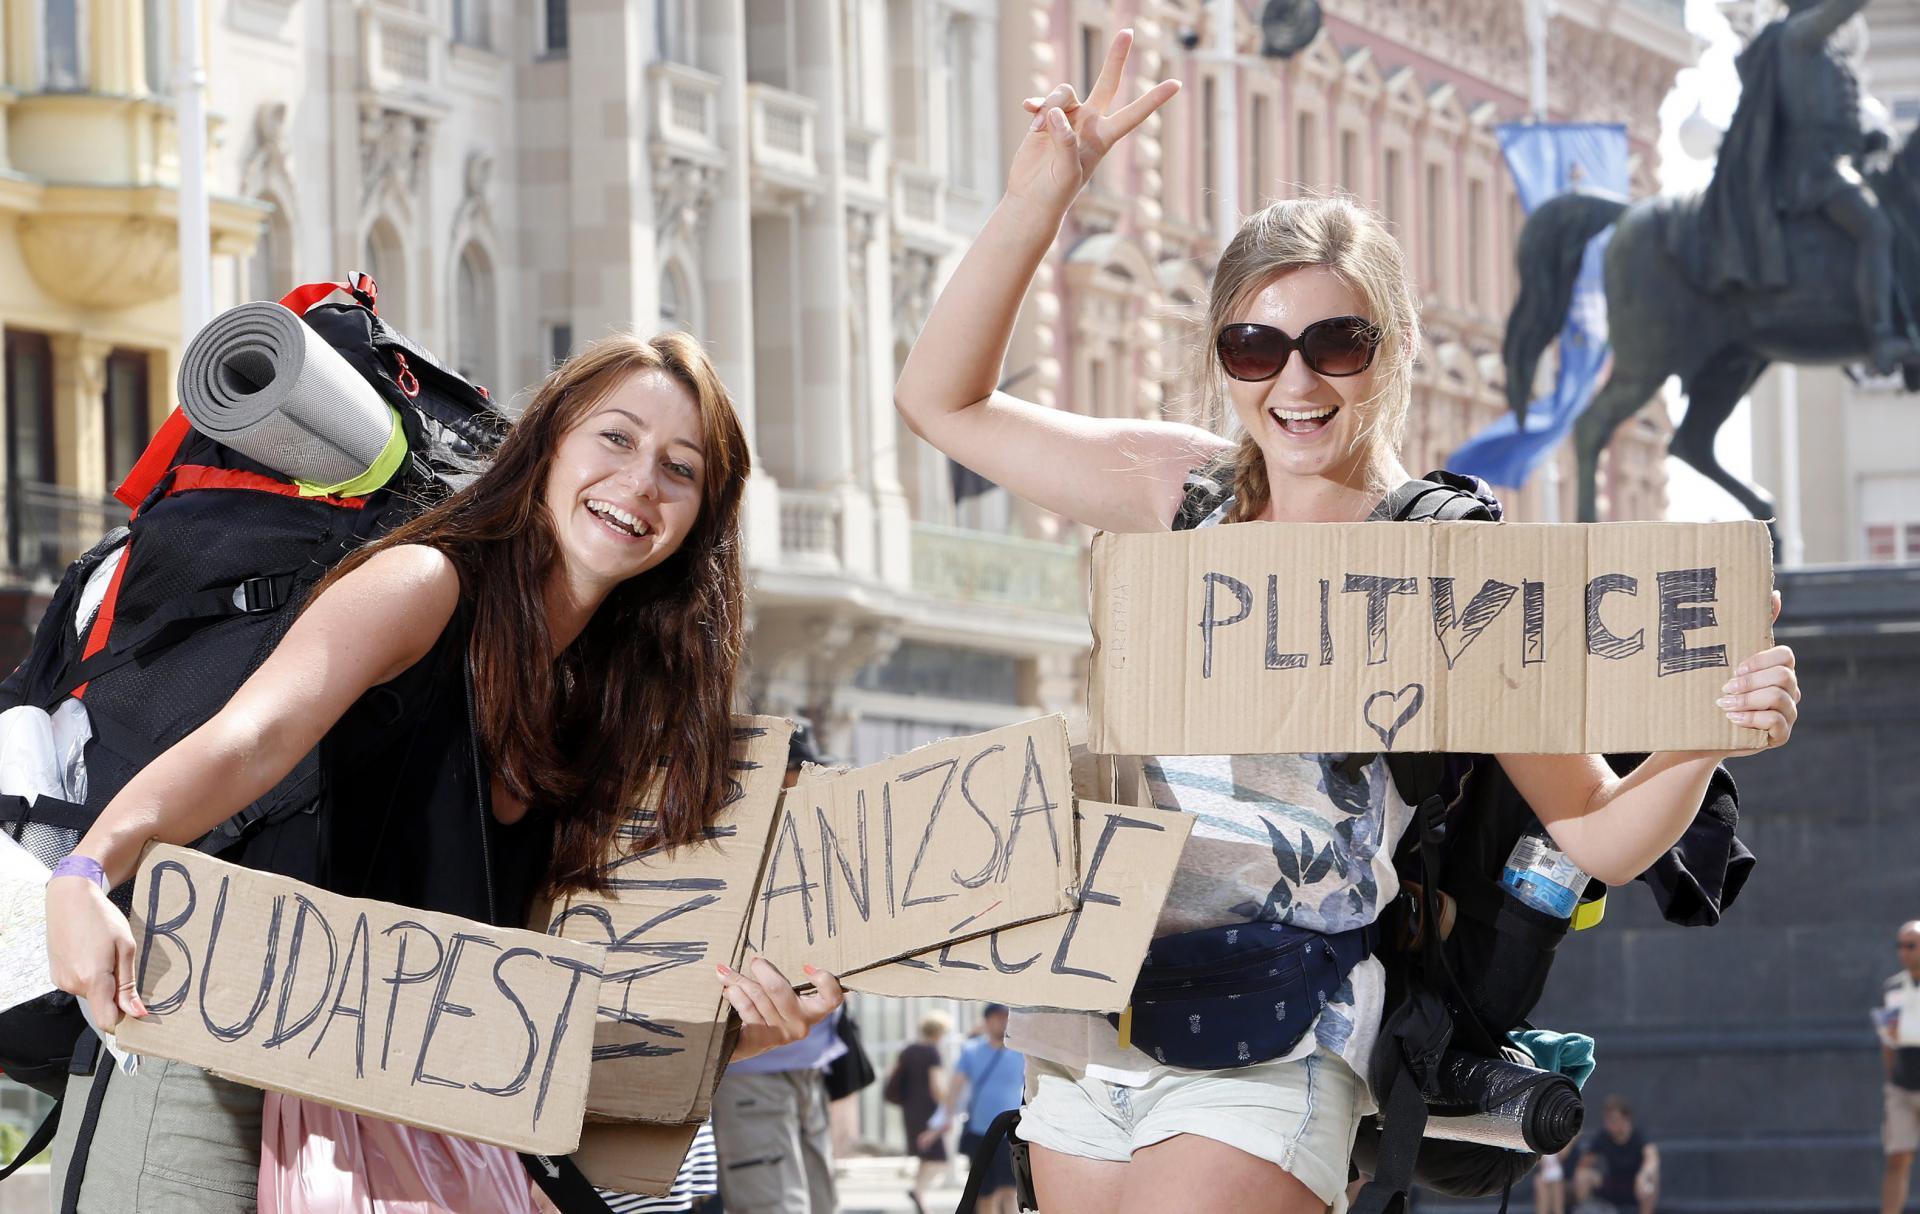 Mladi su željni jeftinijih i zabavnijih destinacija